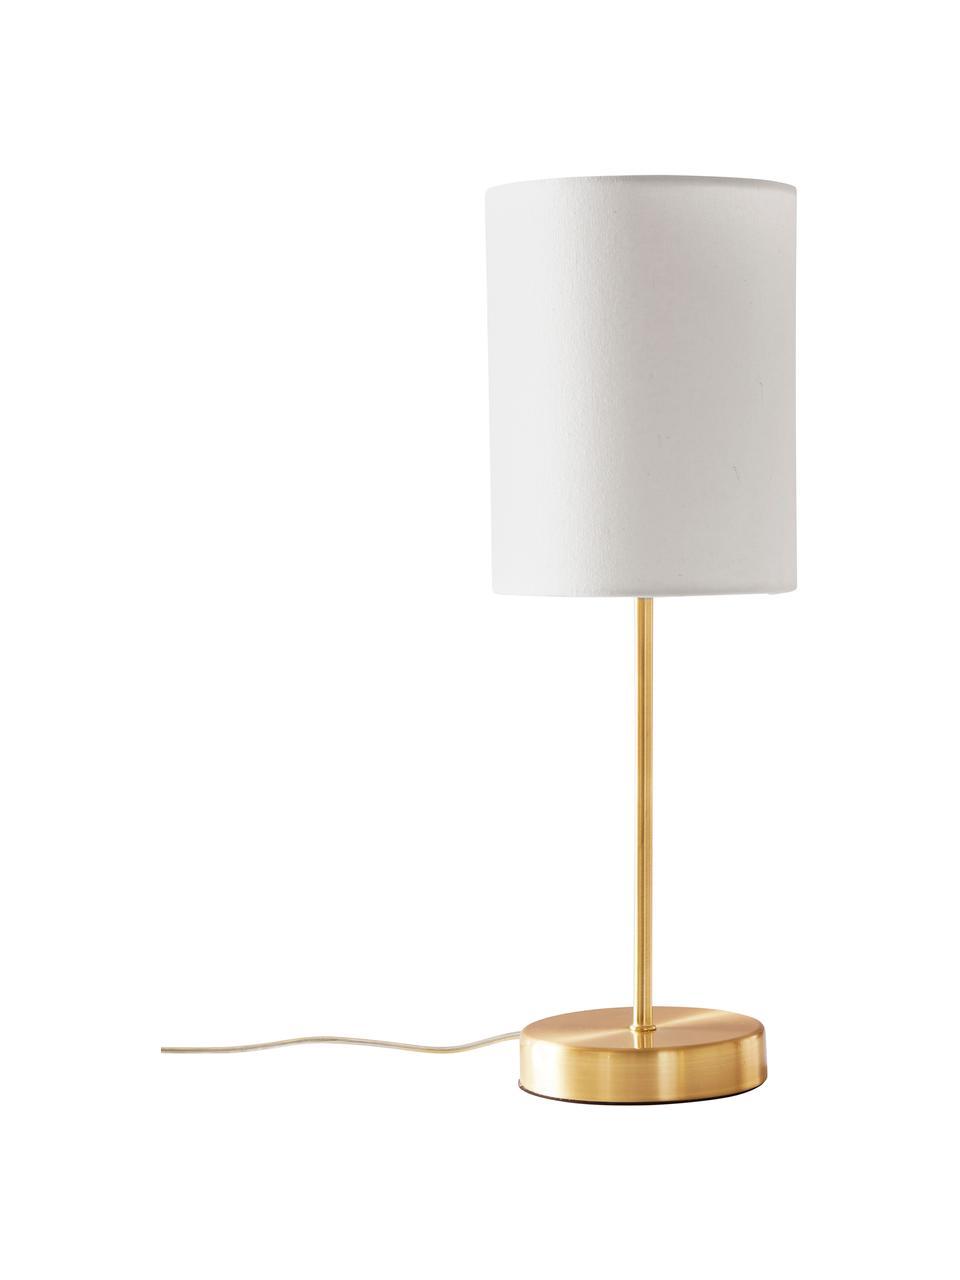 Lampa nocna Seth, 2 szt., Biały, odcienie mosiądzu, Ø 15 x W 45 cm